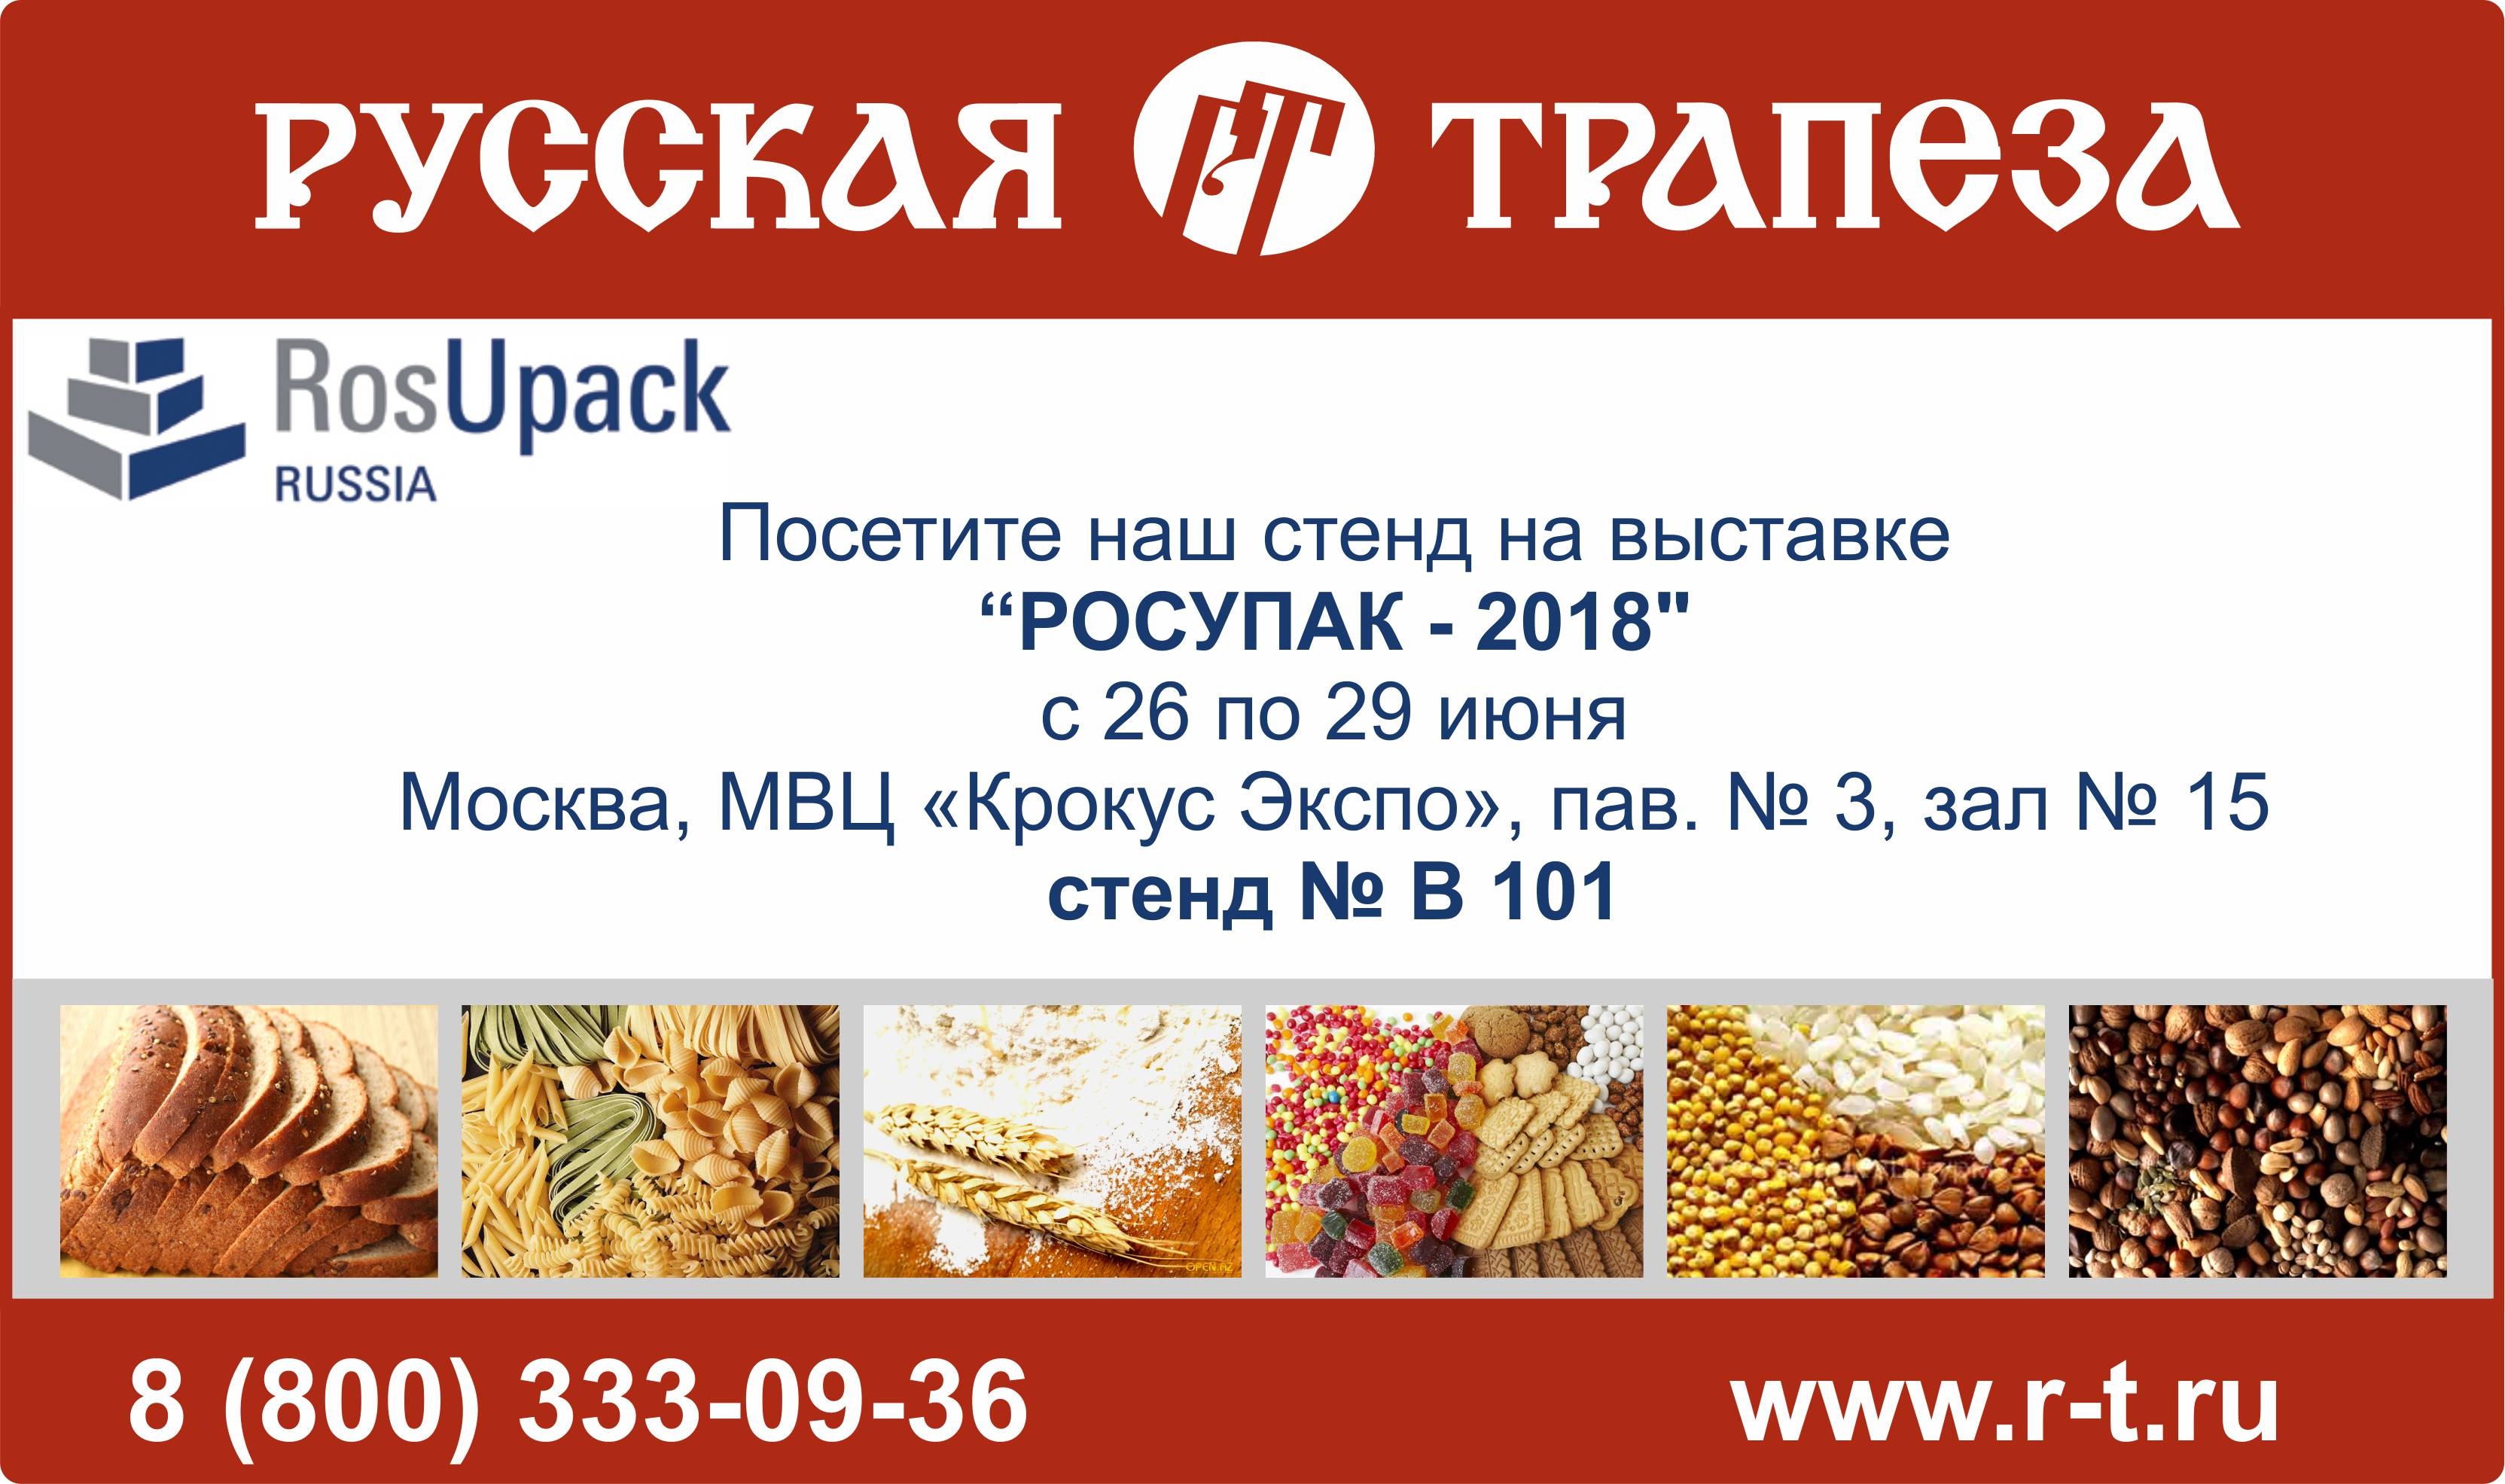 Приглашение на выставку RosUpack